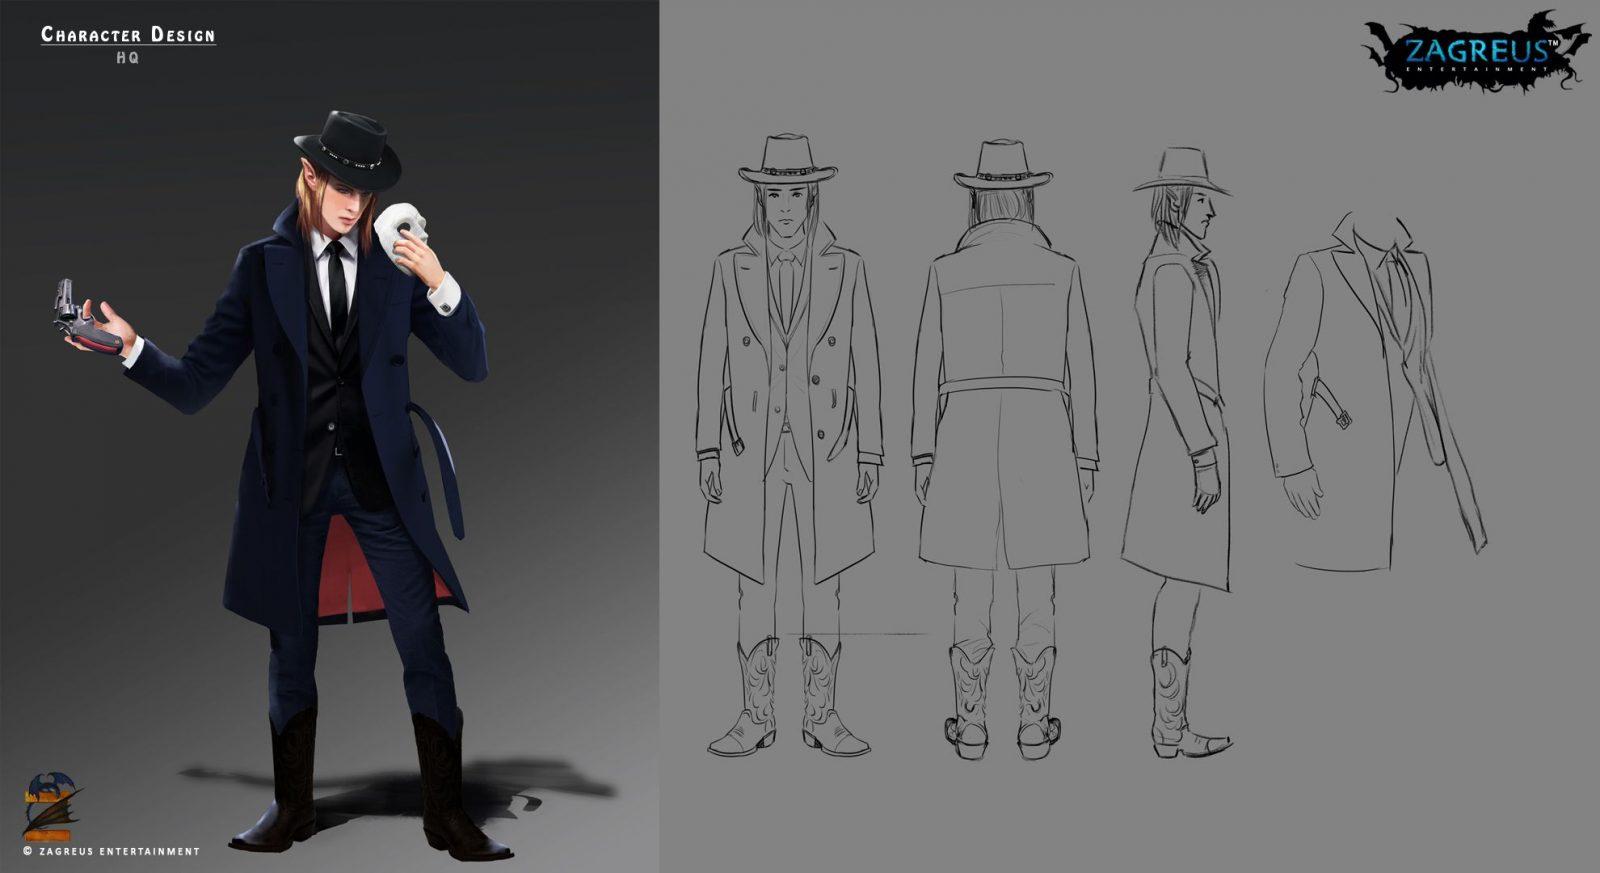 Character Concept Design Portfolio : D character design hq ze zagreus ent